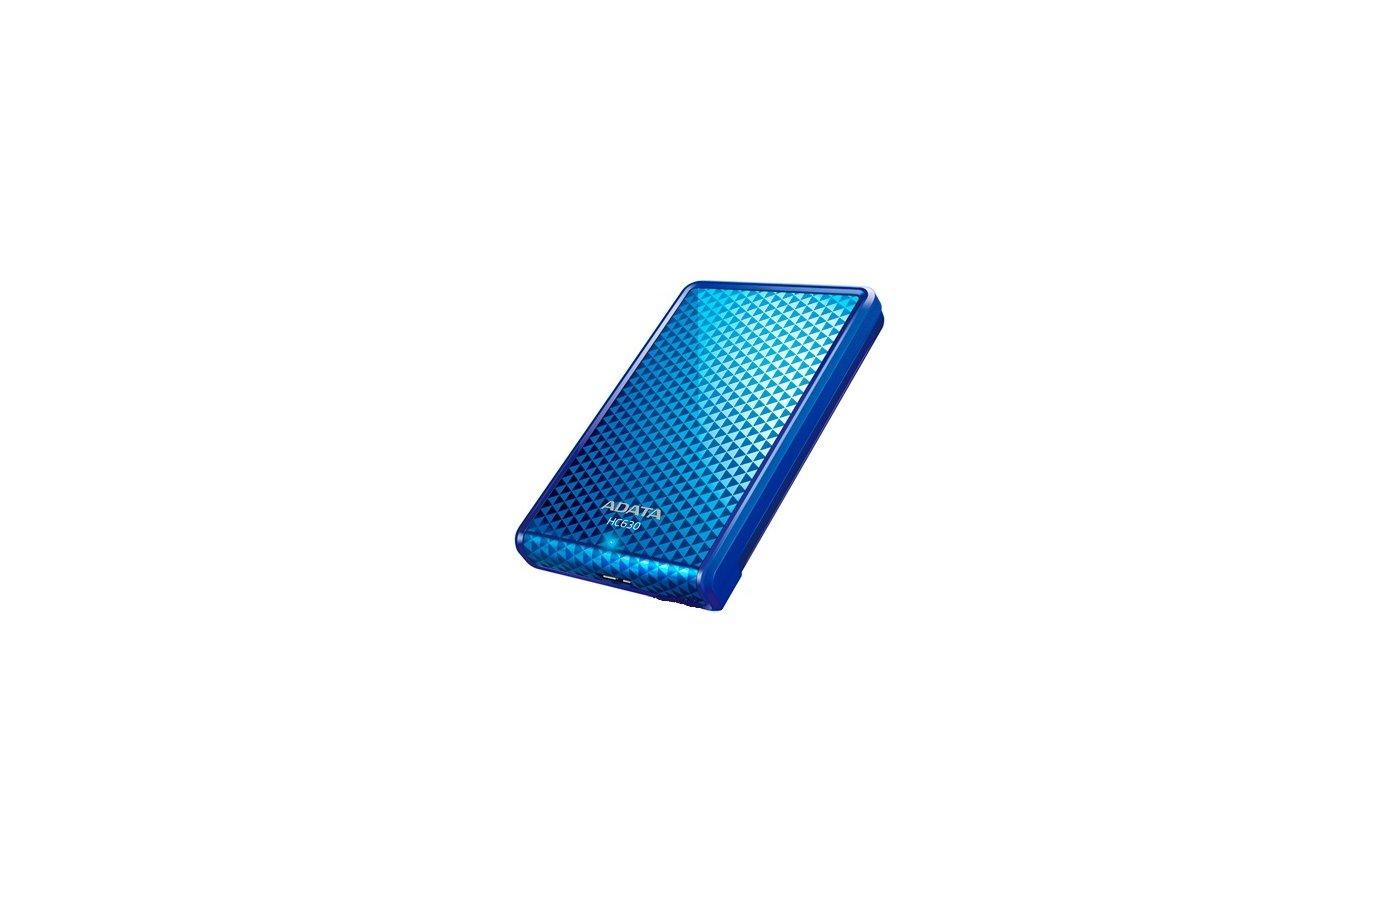 Внешний жесткий диск A-Data 1Tb AHC630-1TU3-CBL blue